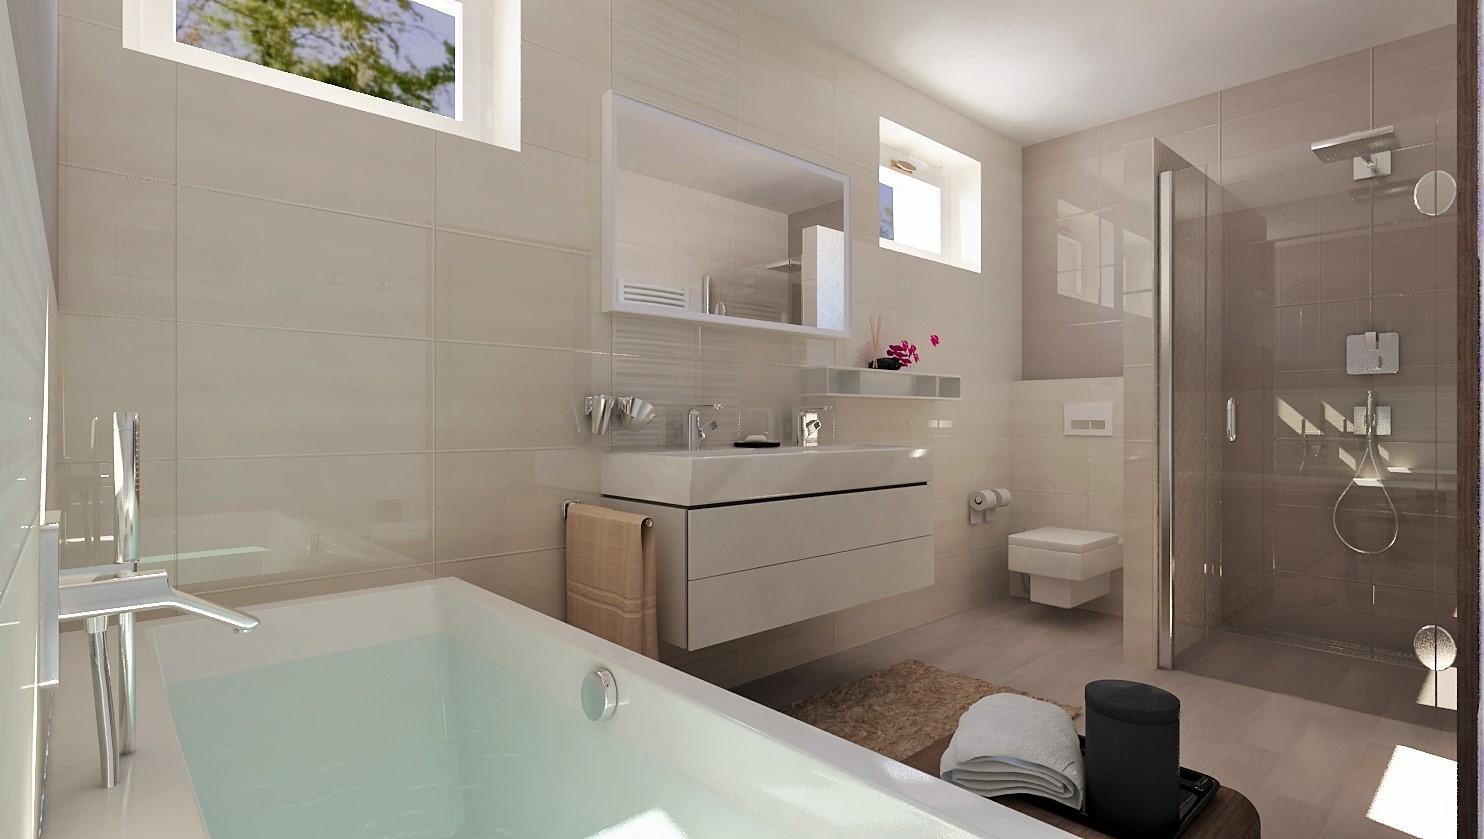 Návrhy a vizualizácie kúpeľní - Obrázok č. 58